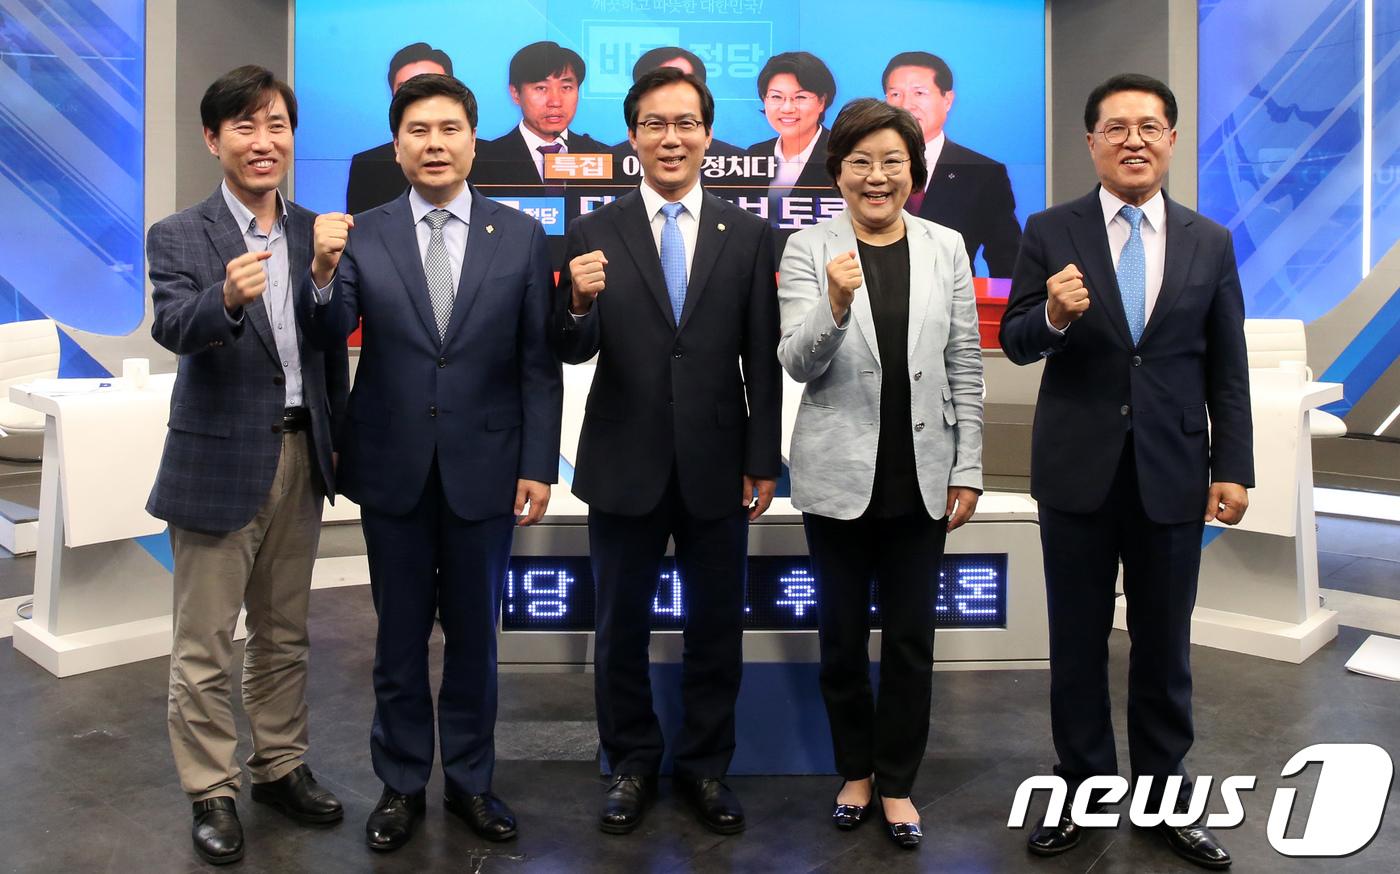 바른정당 호남권 당원투표서 정운천 1위·이혜훈 2위(종합) #뉴스1